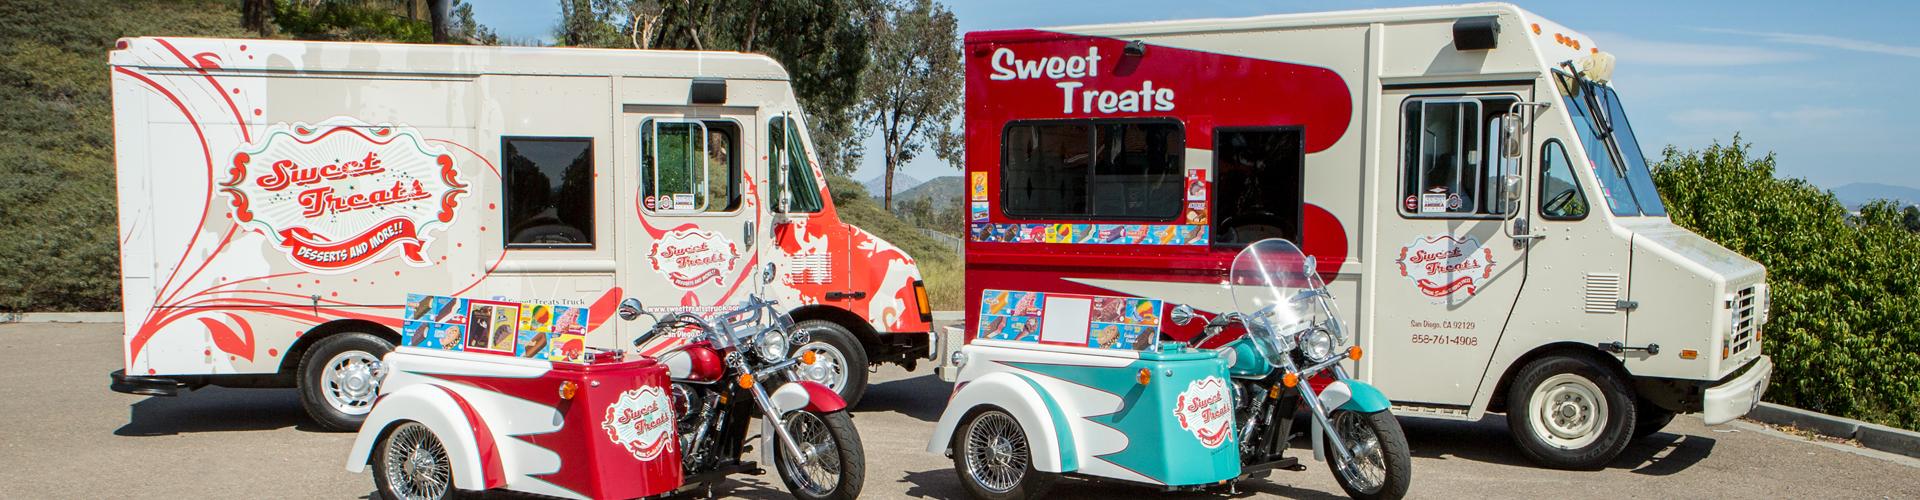 San Diego Food Trucks For Weddings